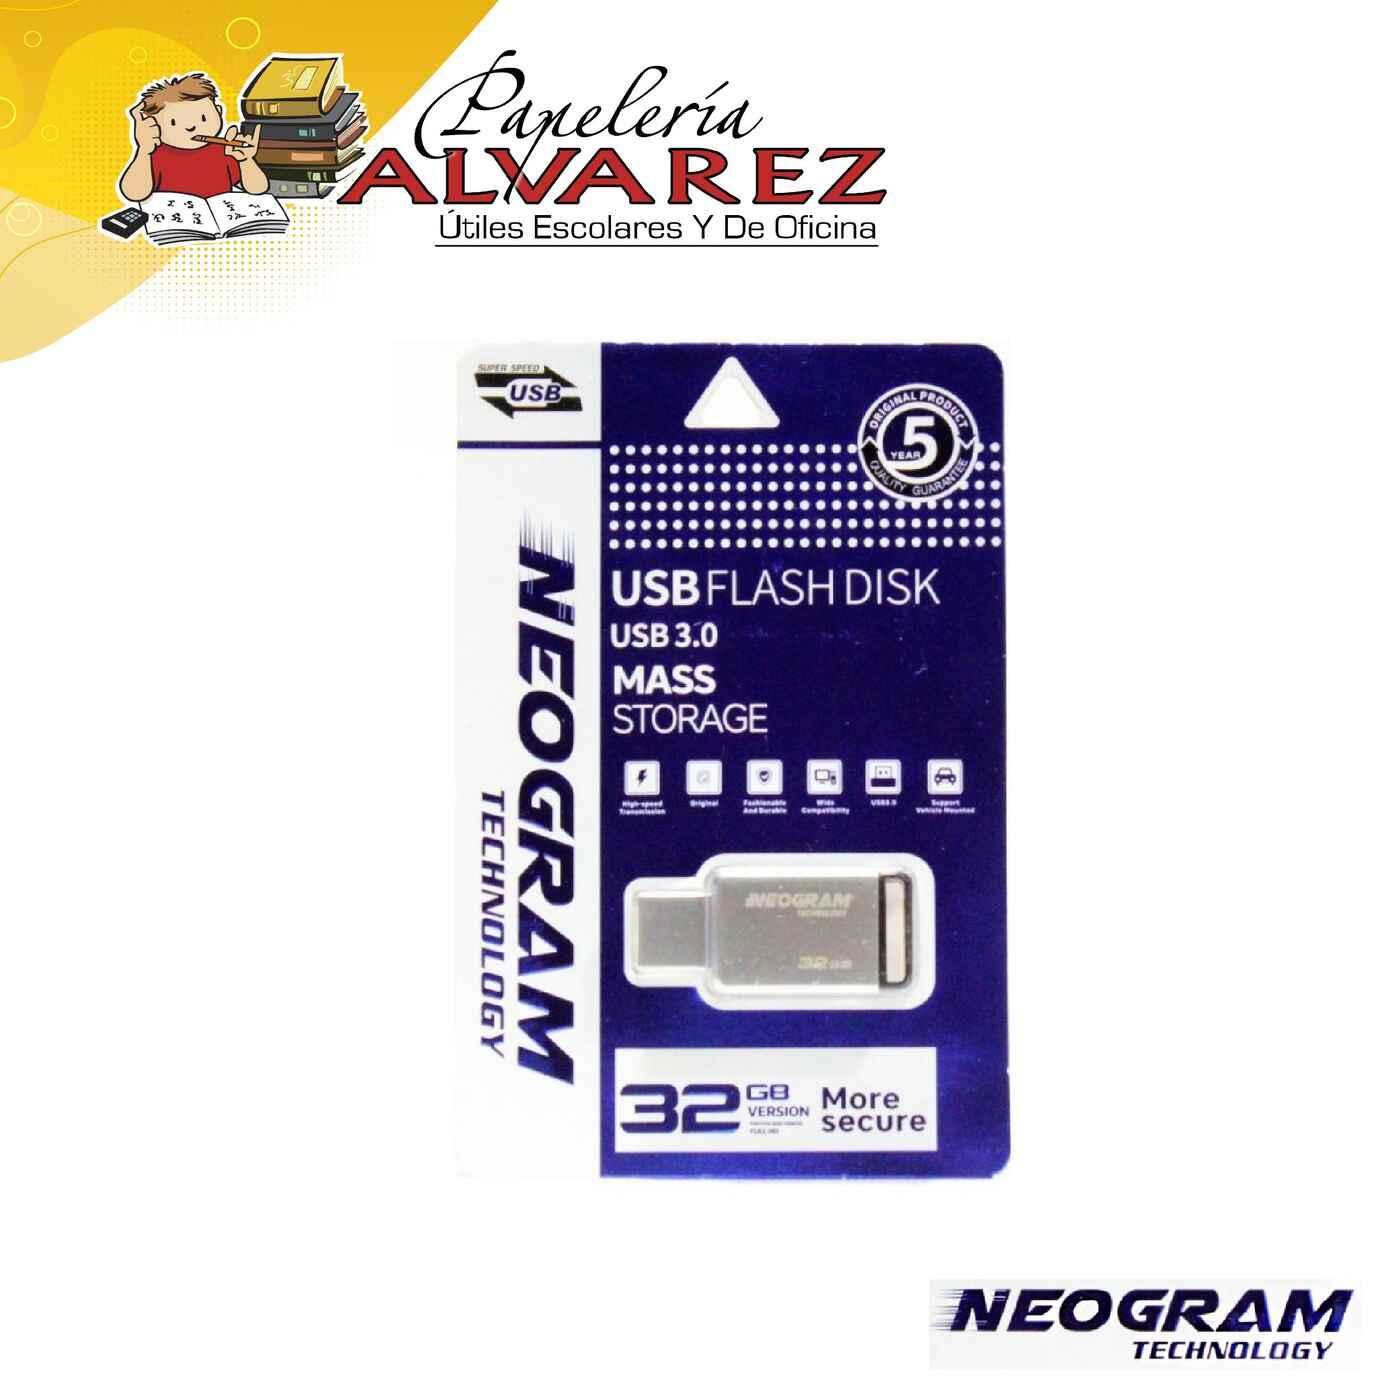 MEMORIA NEOGRAM USB 32GB